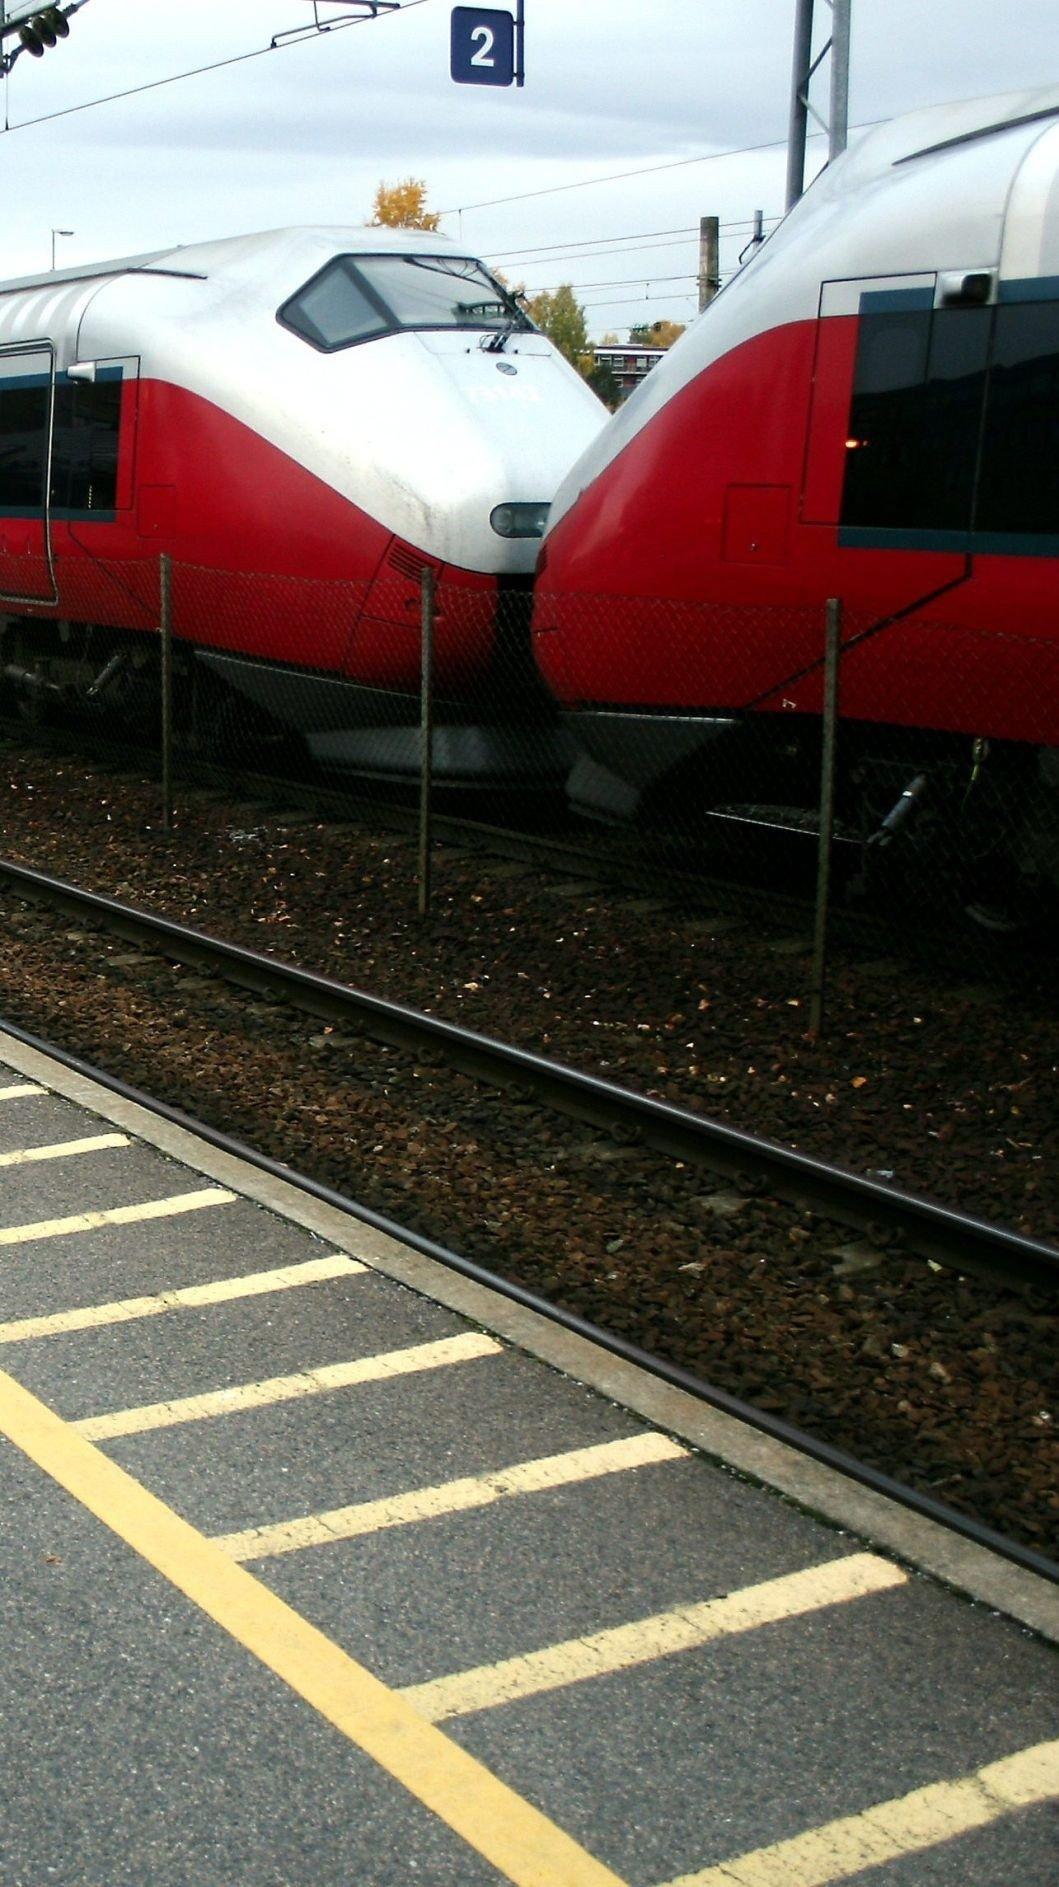 OMKOM: En person mistet livet i en togpåkjørsel på Østfoldbanen mandag.